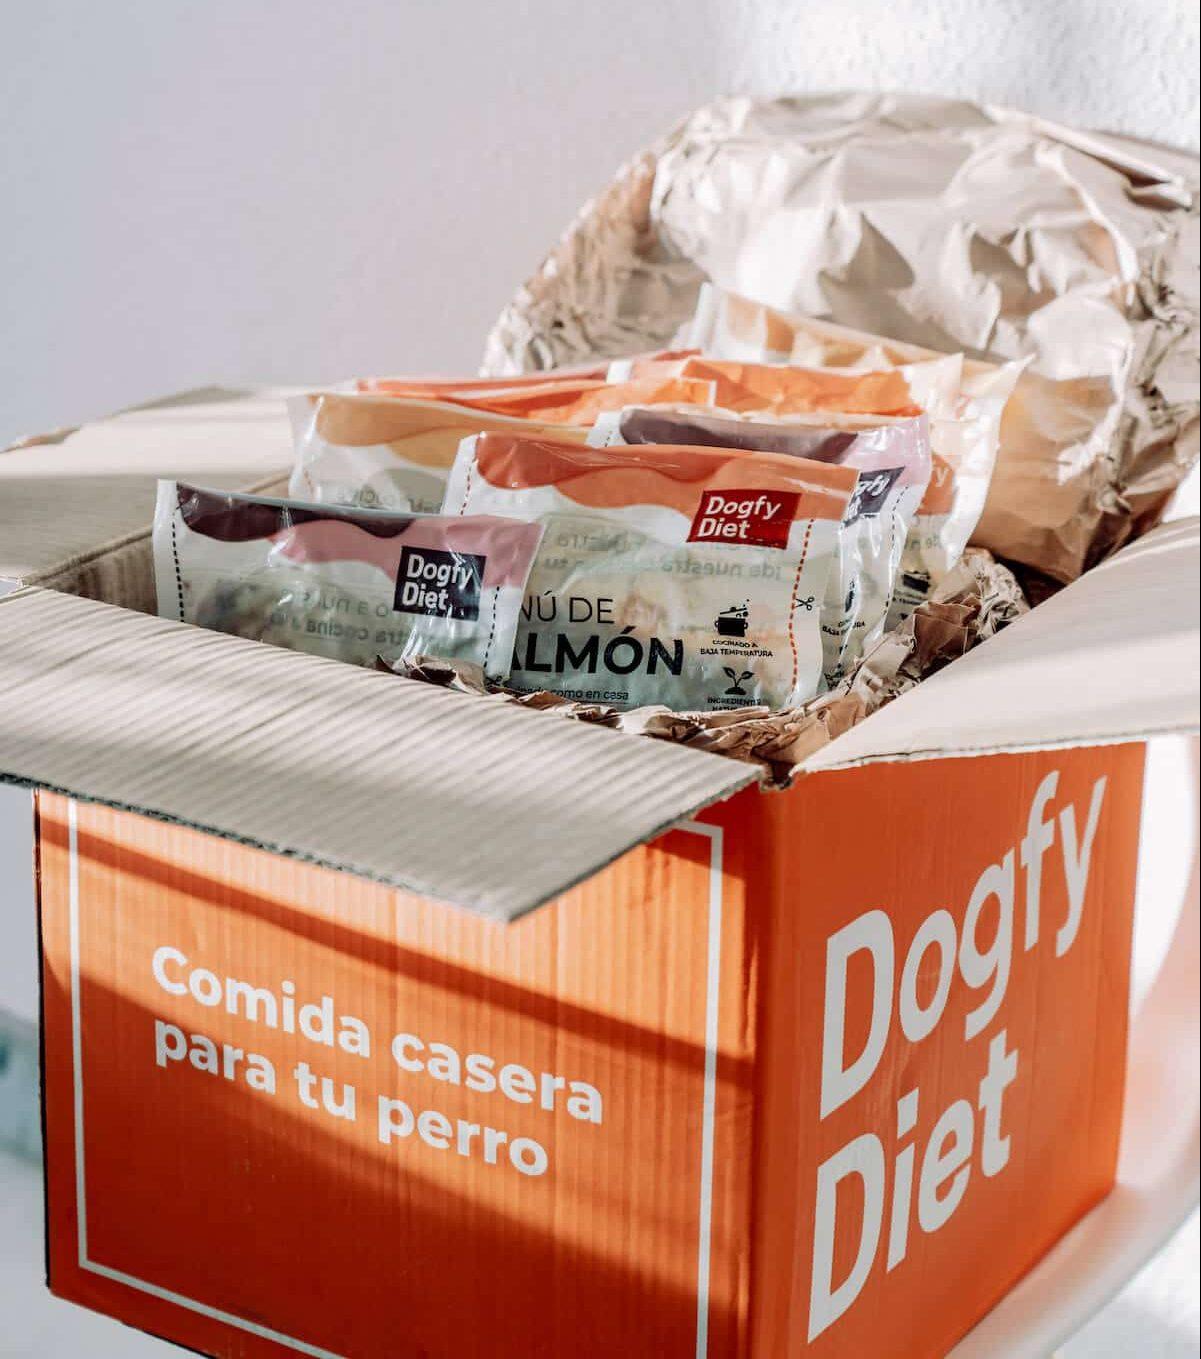 Raciones de comida Dogfy Diet